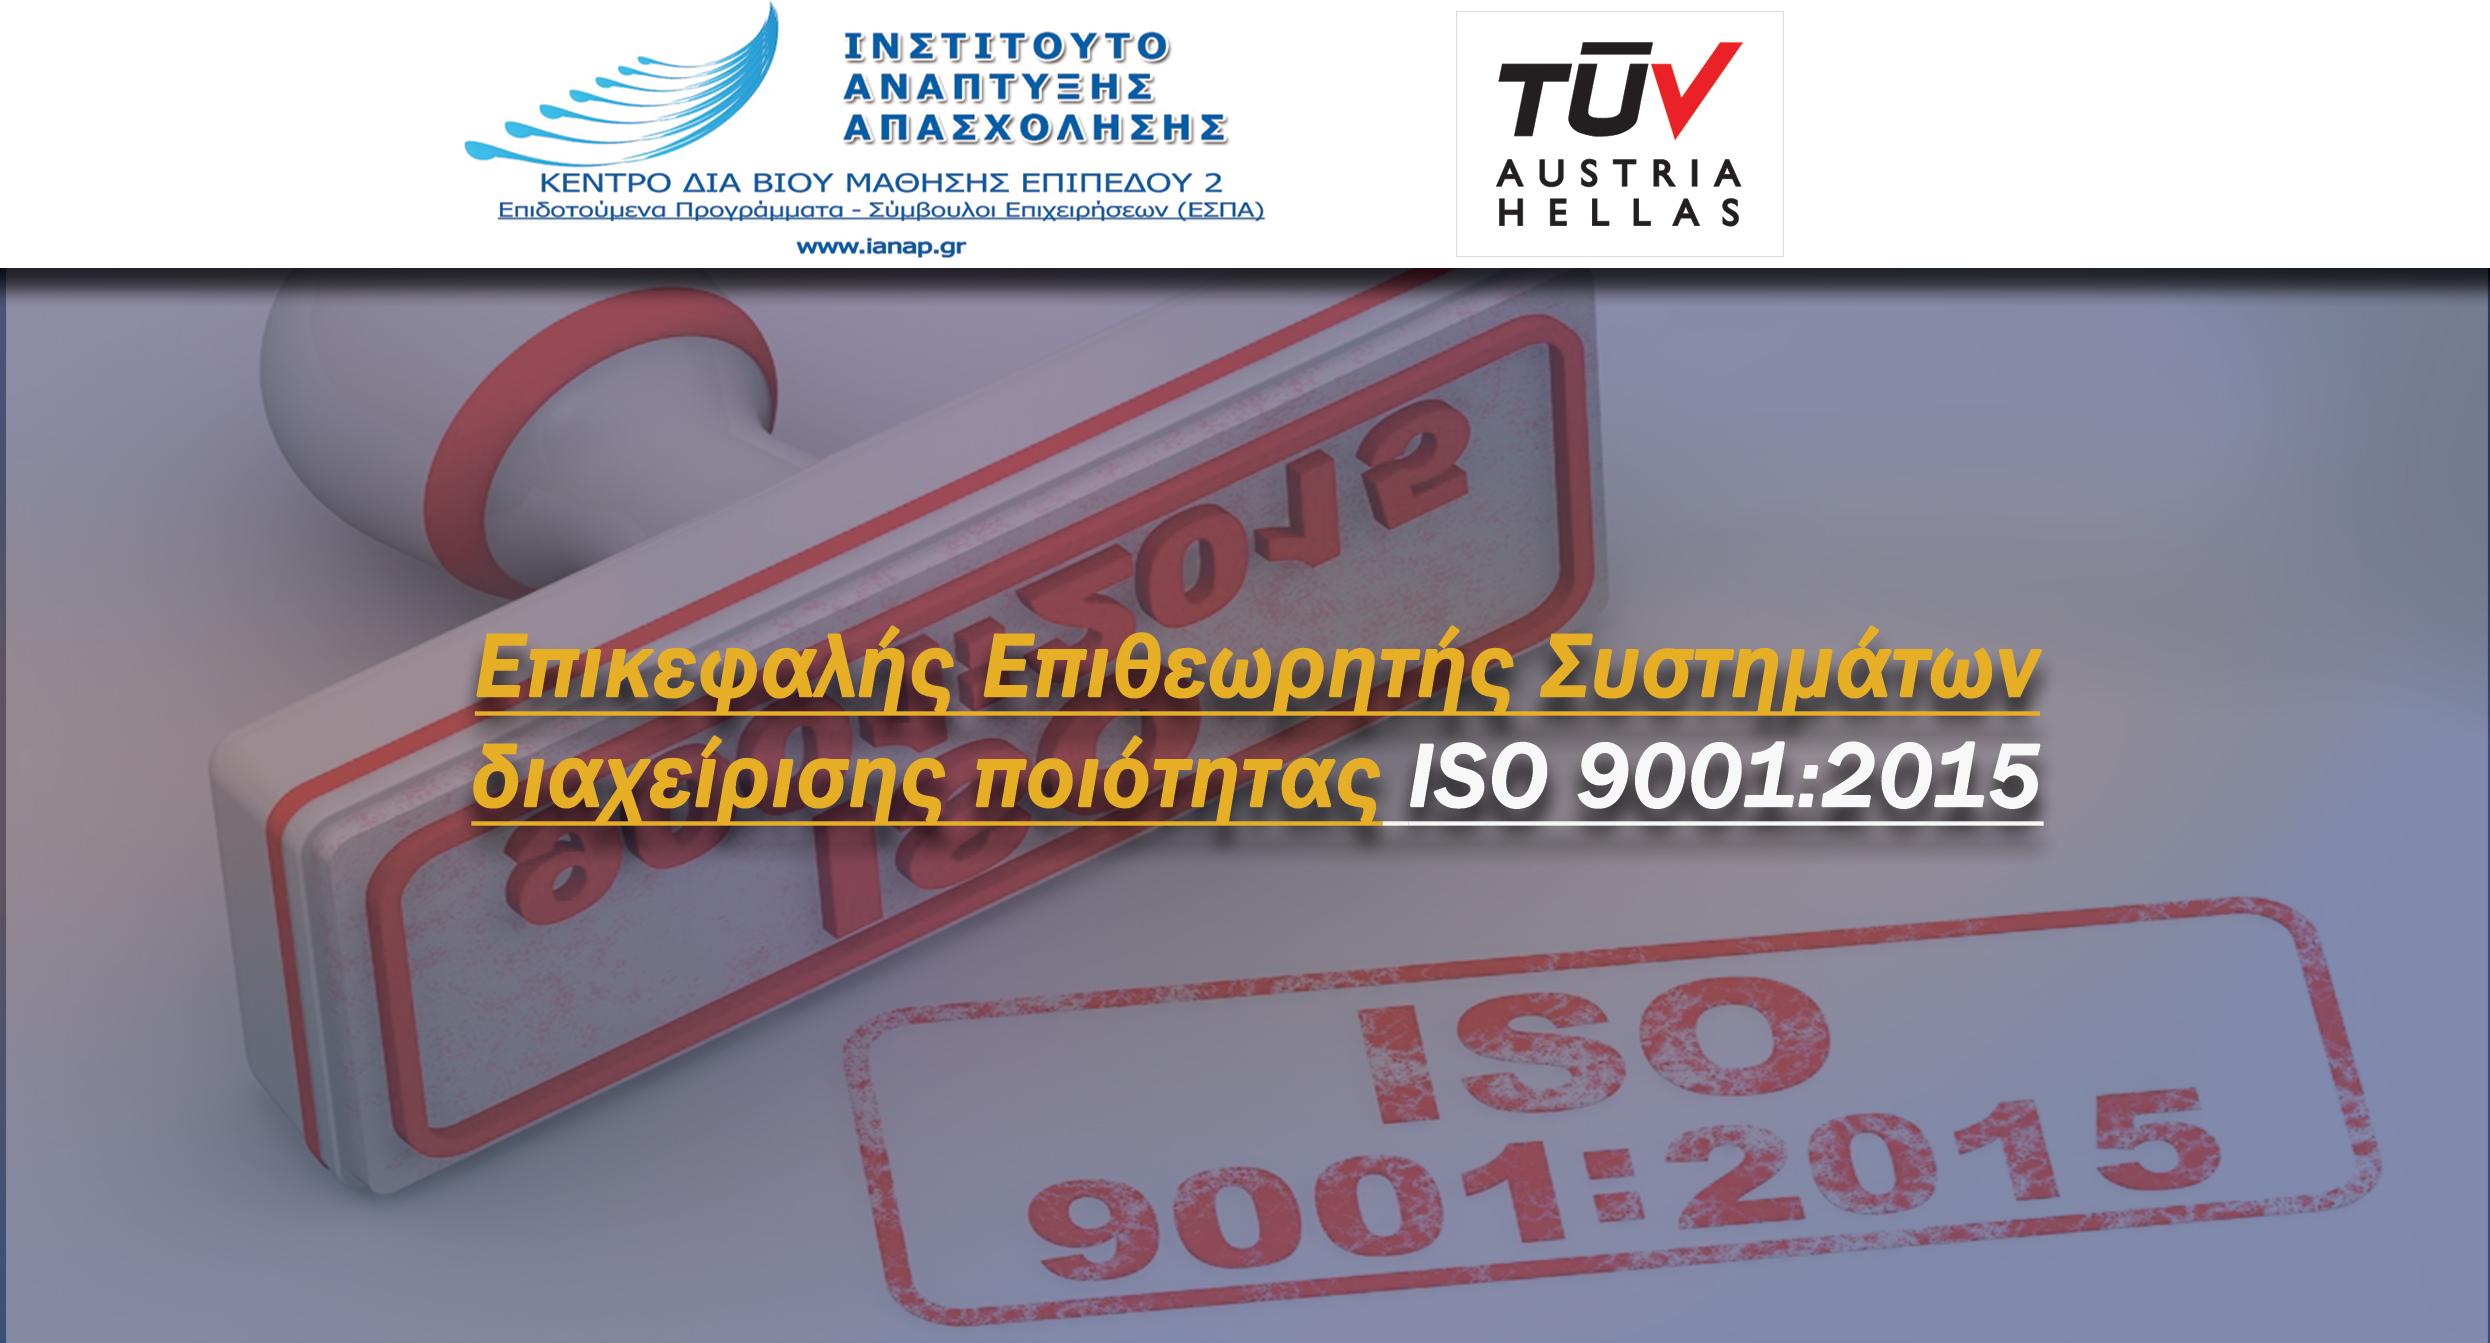 Επικεφαλής Επιθεωρητής Συστημάτων Διαχείρισης Ποιότητας ISO 9001:2015